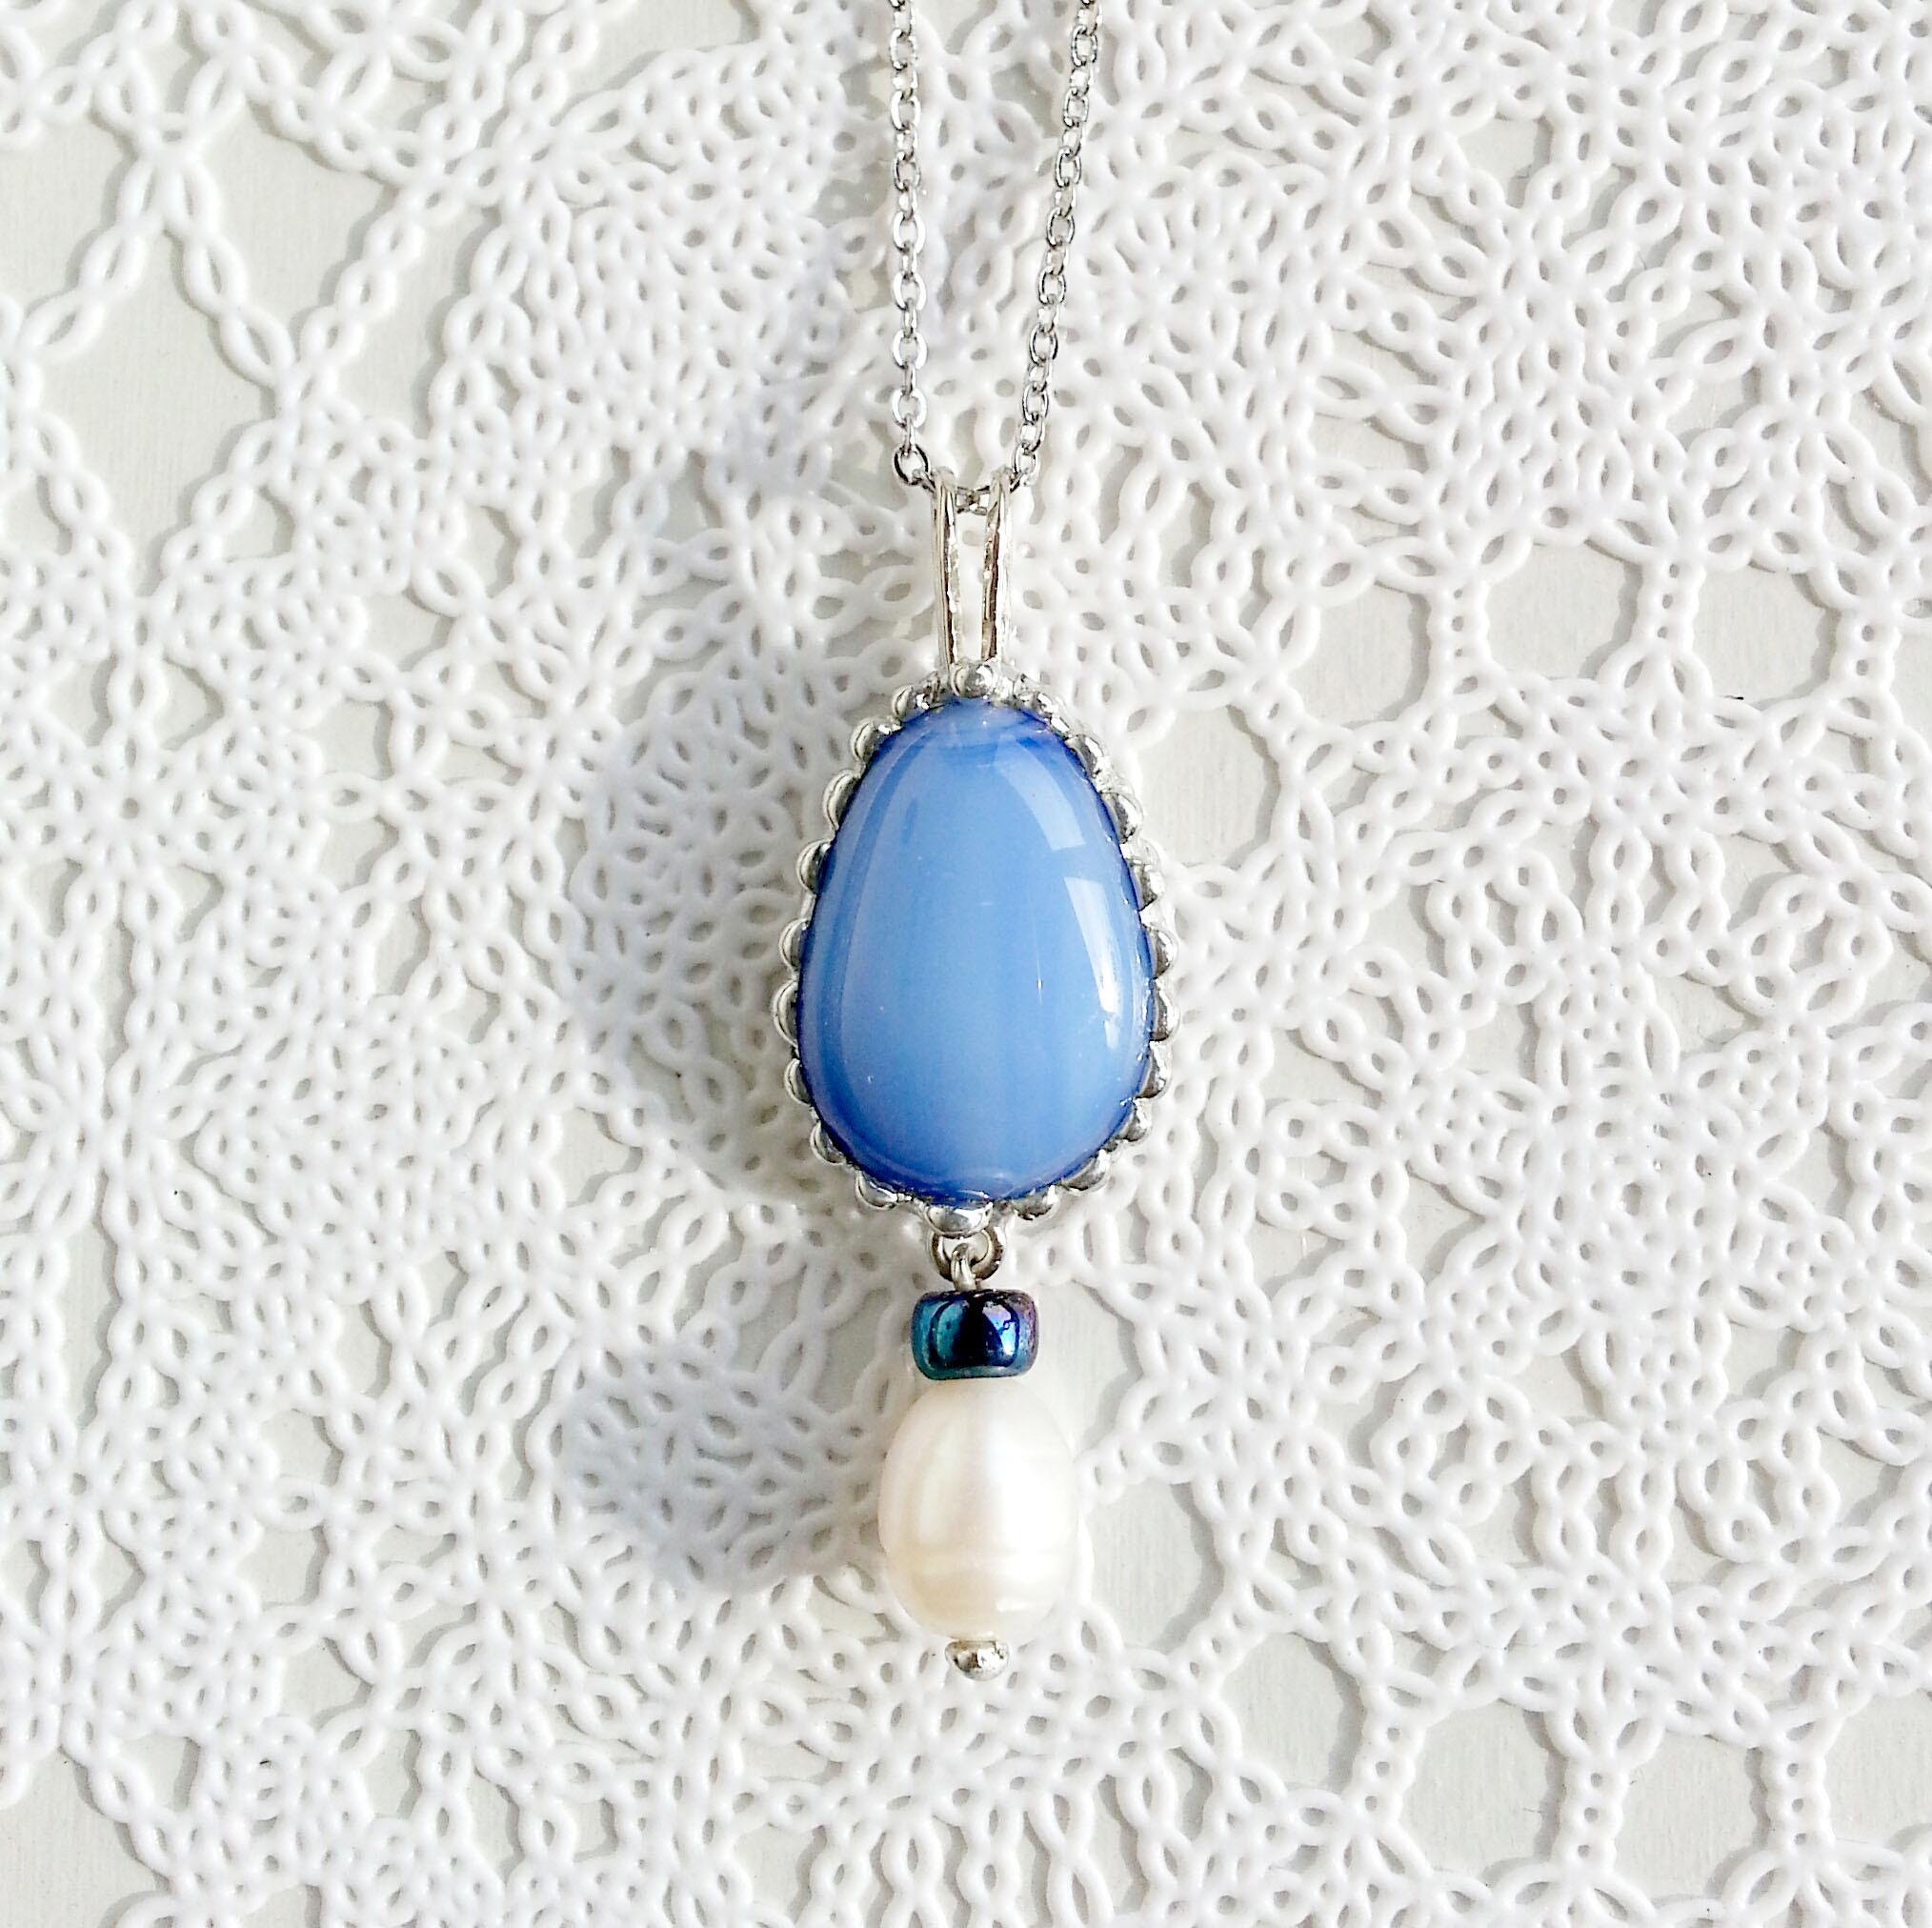 ライトブルーのガラスジュエルと淡水パールのネックレス